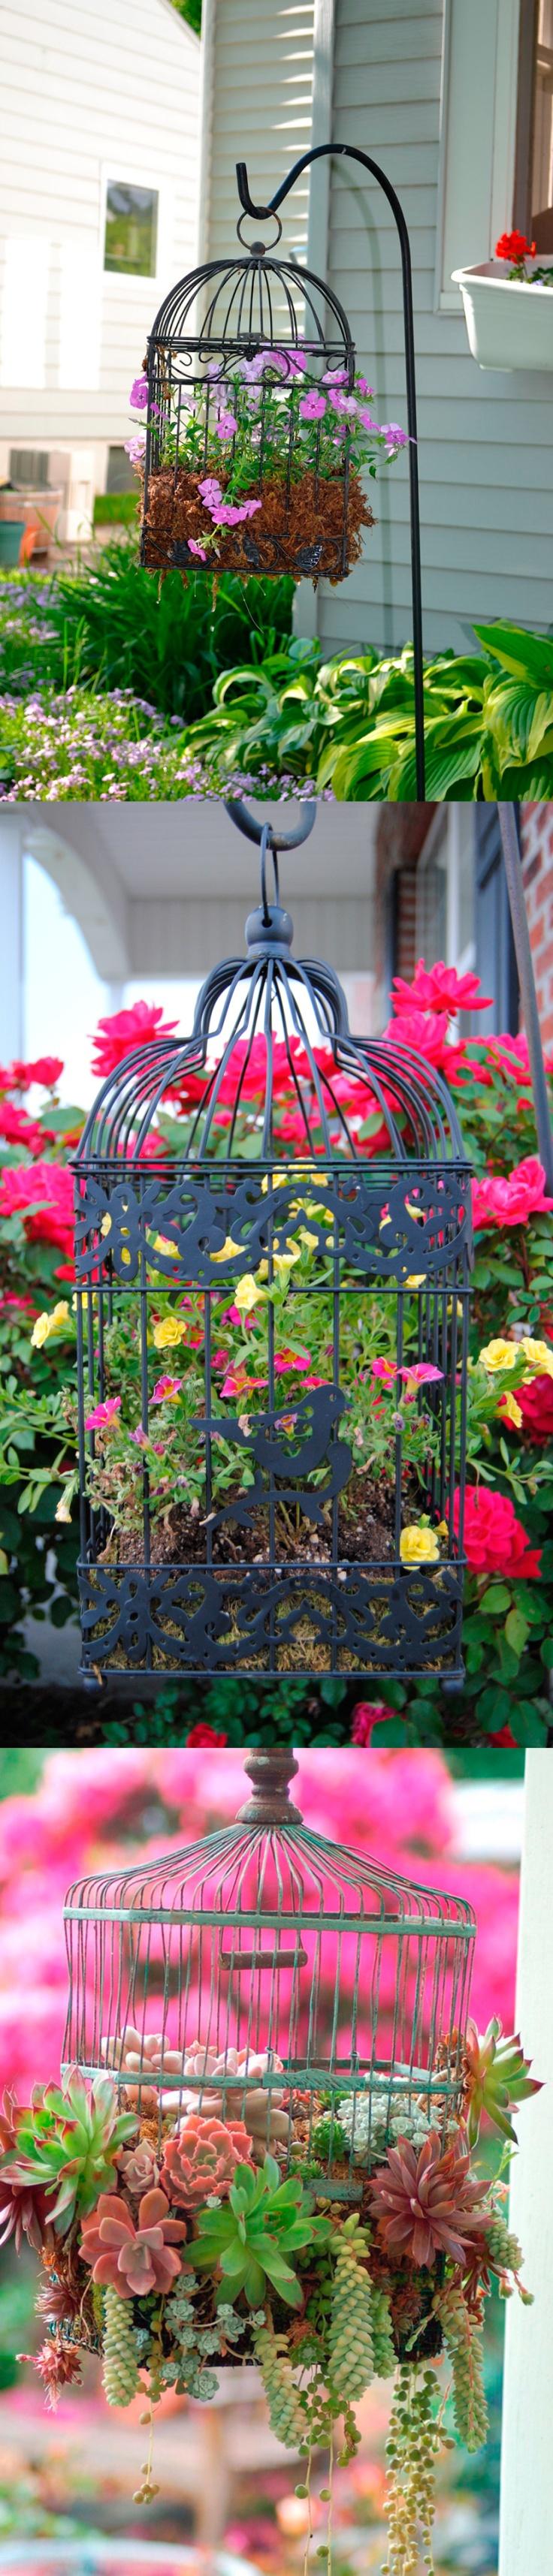 5 ideas maravillosas para darle un toque de diseño a nuestro jardín